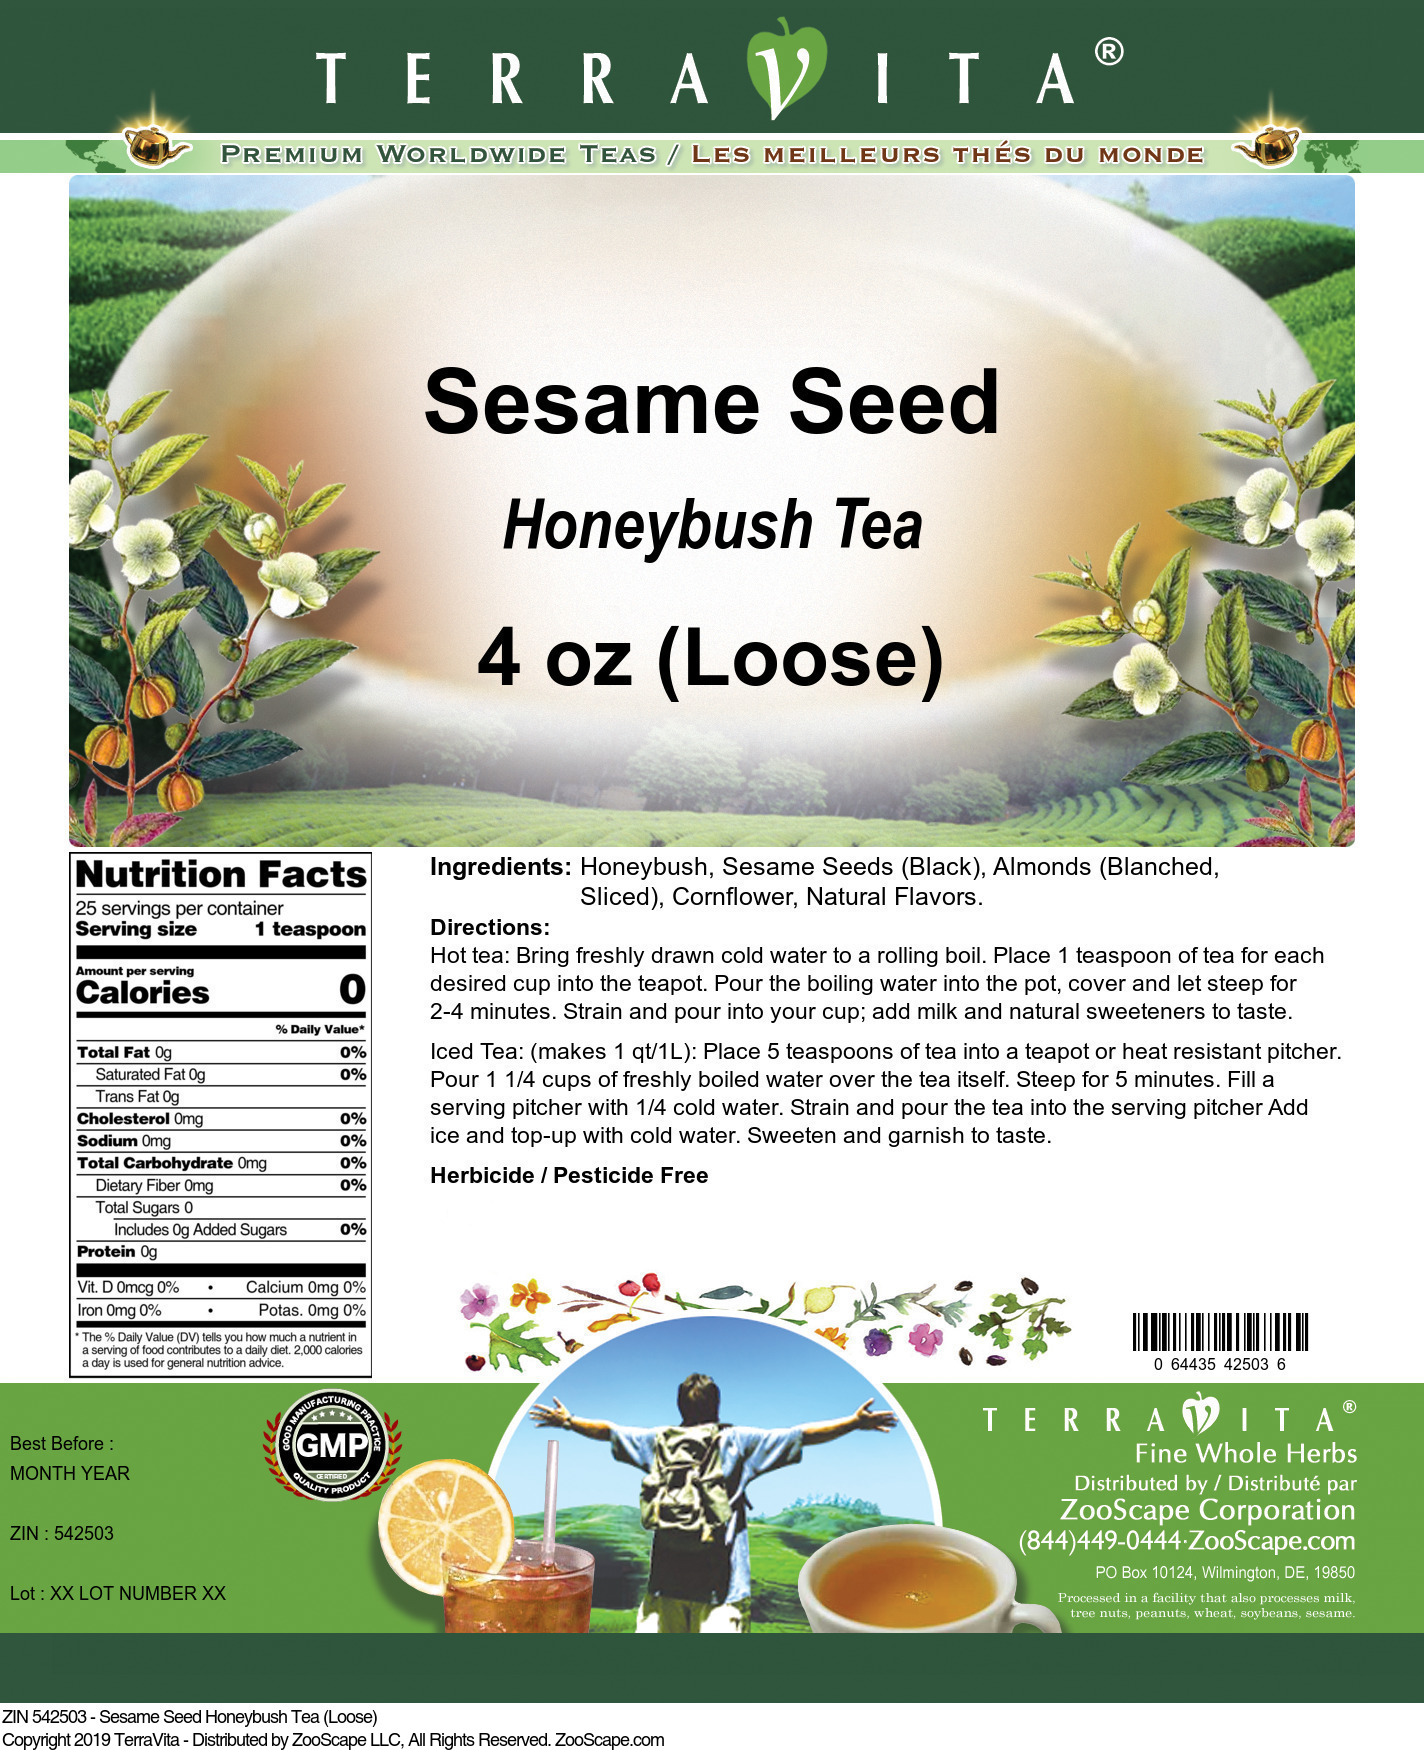 Sesame Seed Honeybush Tea